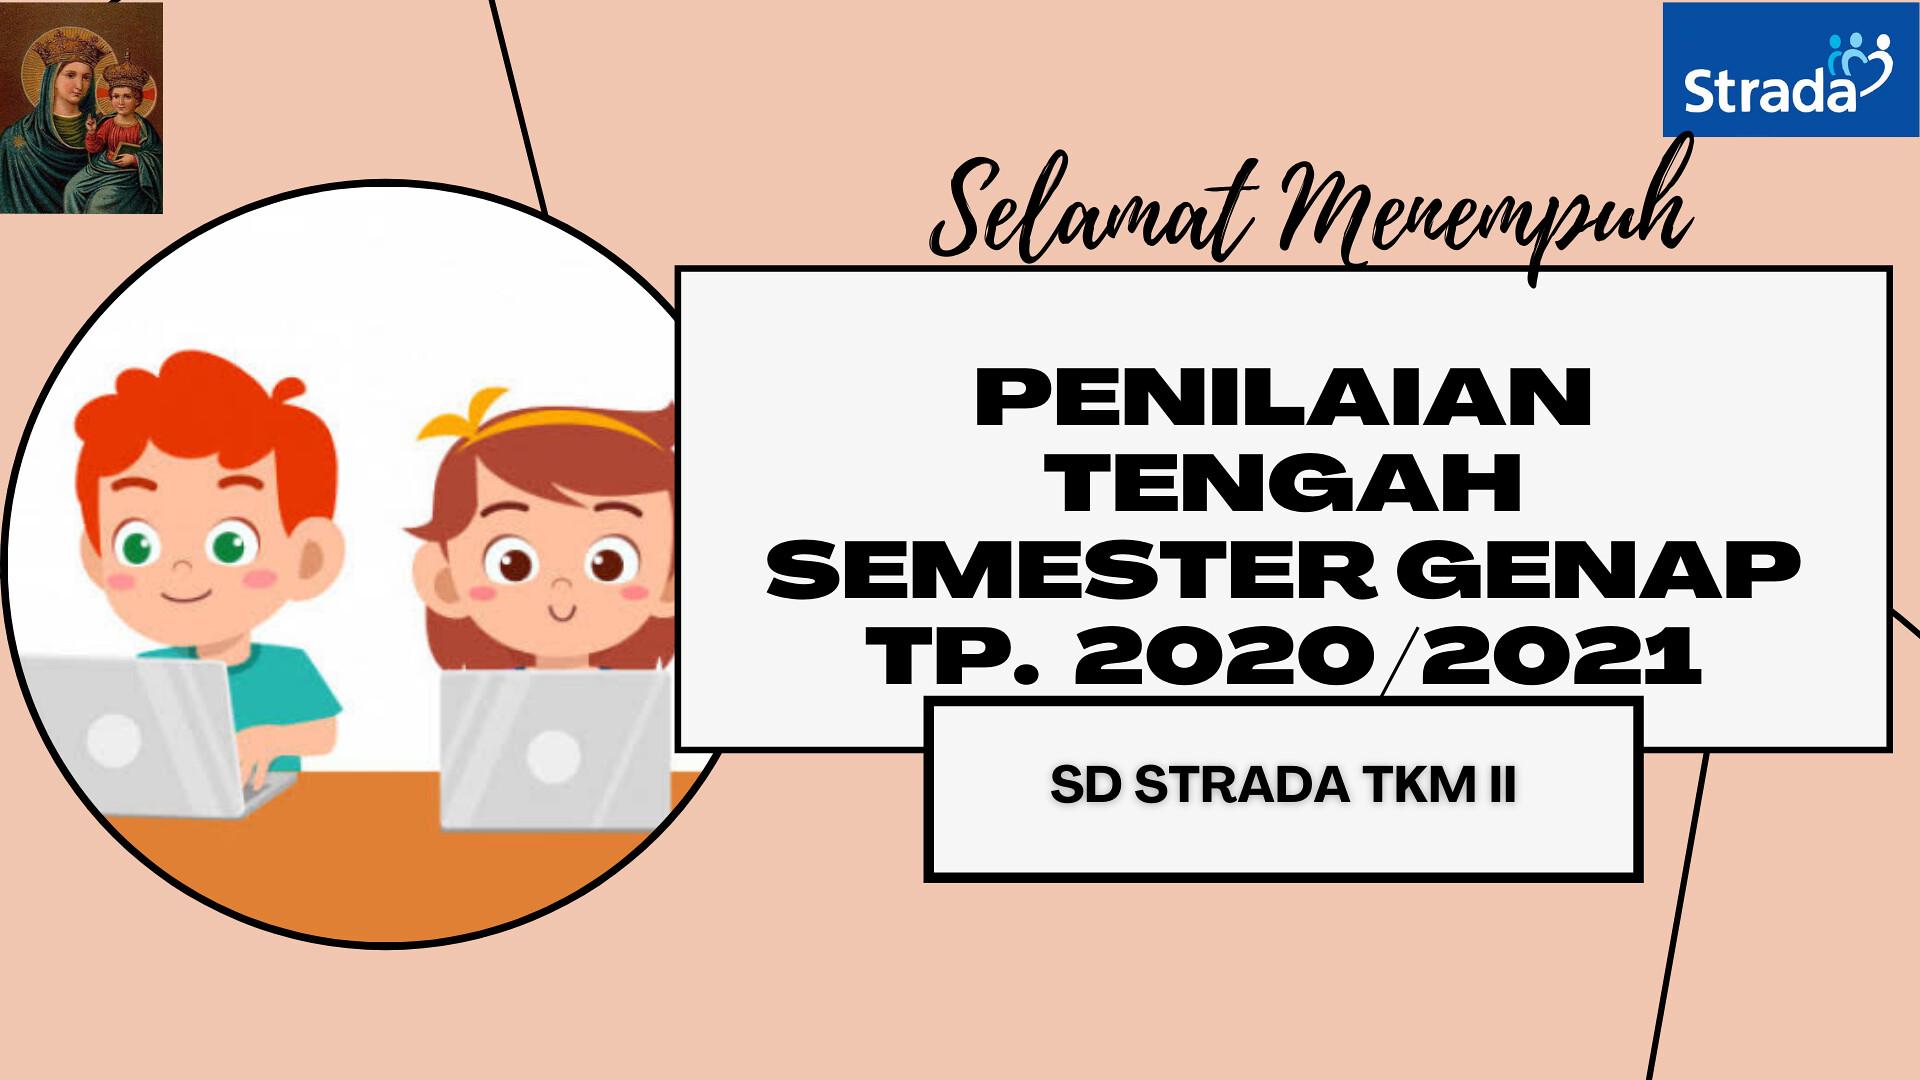 Pelaksanaan Penilaian Tengah Semester Genap Tahun Pelajaran 2020/2021